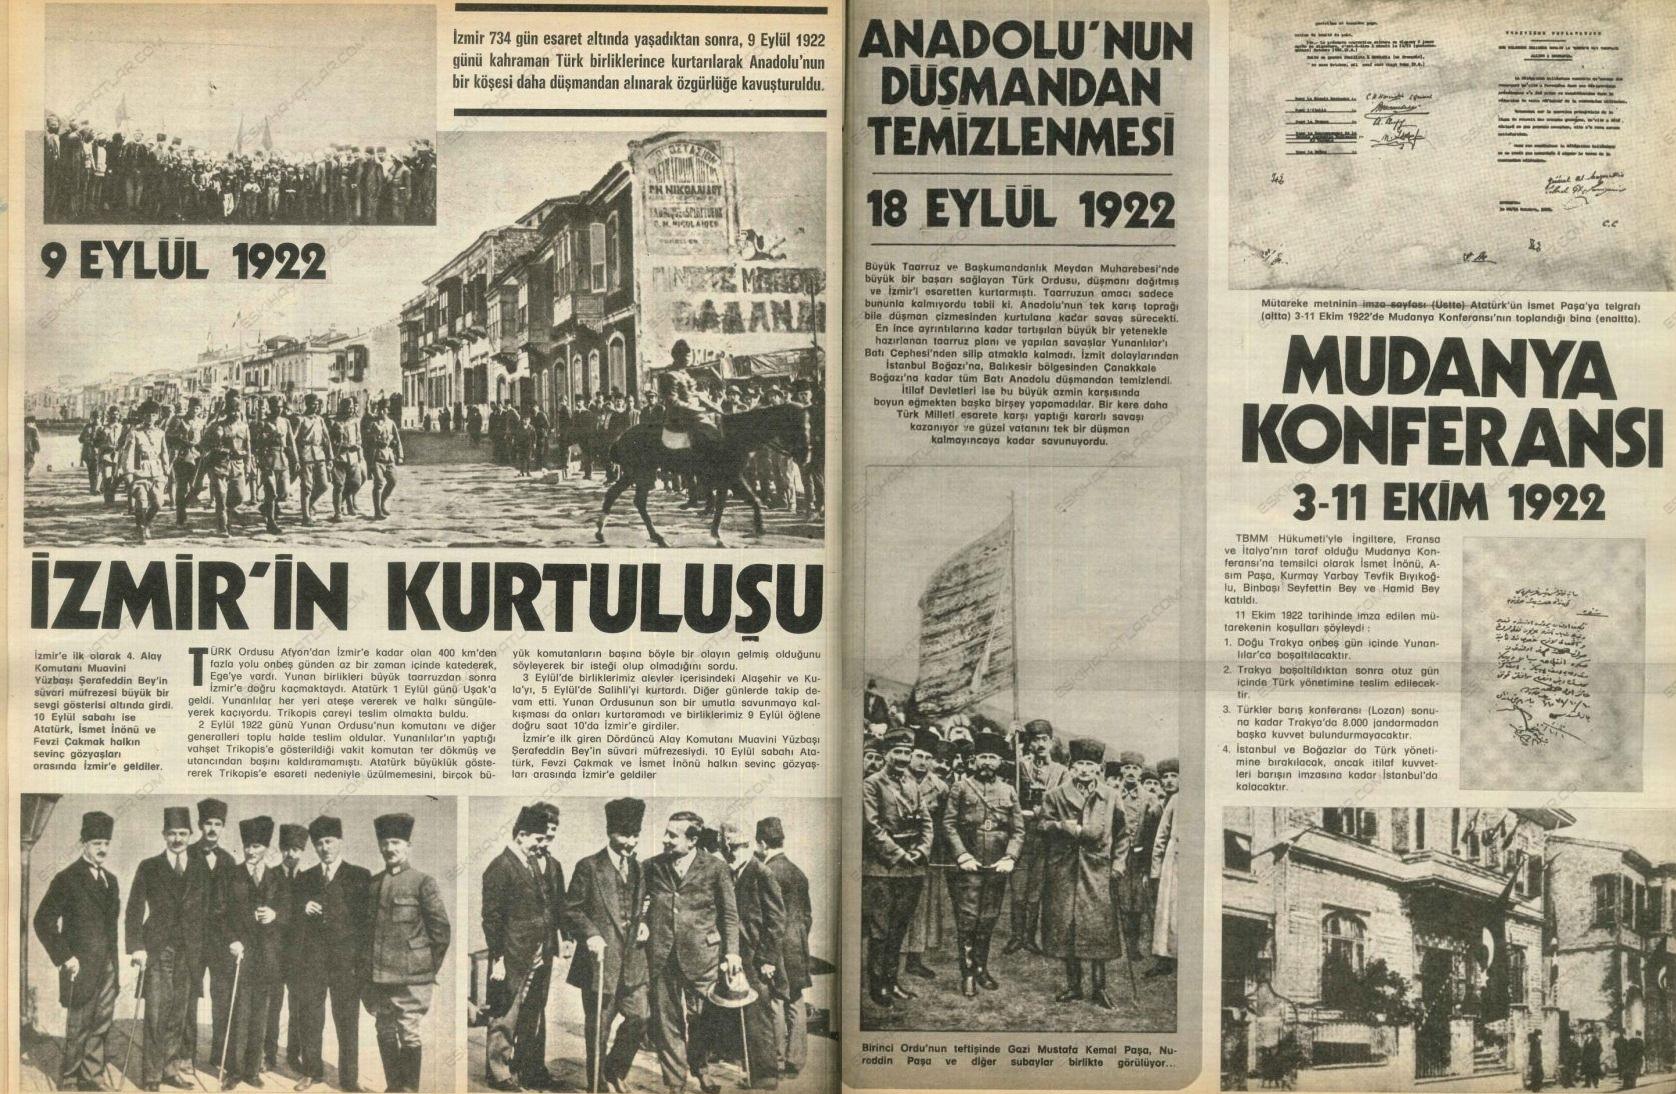 0650-mustafa-kemal-ataturk-istiklal-savasi-fotograflari-cumhuriyet-ilani-buyuk-taarruz-1983-hayat-dergisi-ozel-ekleri (28)